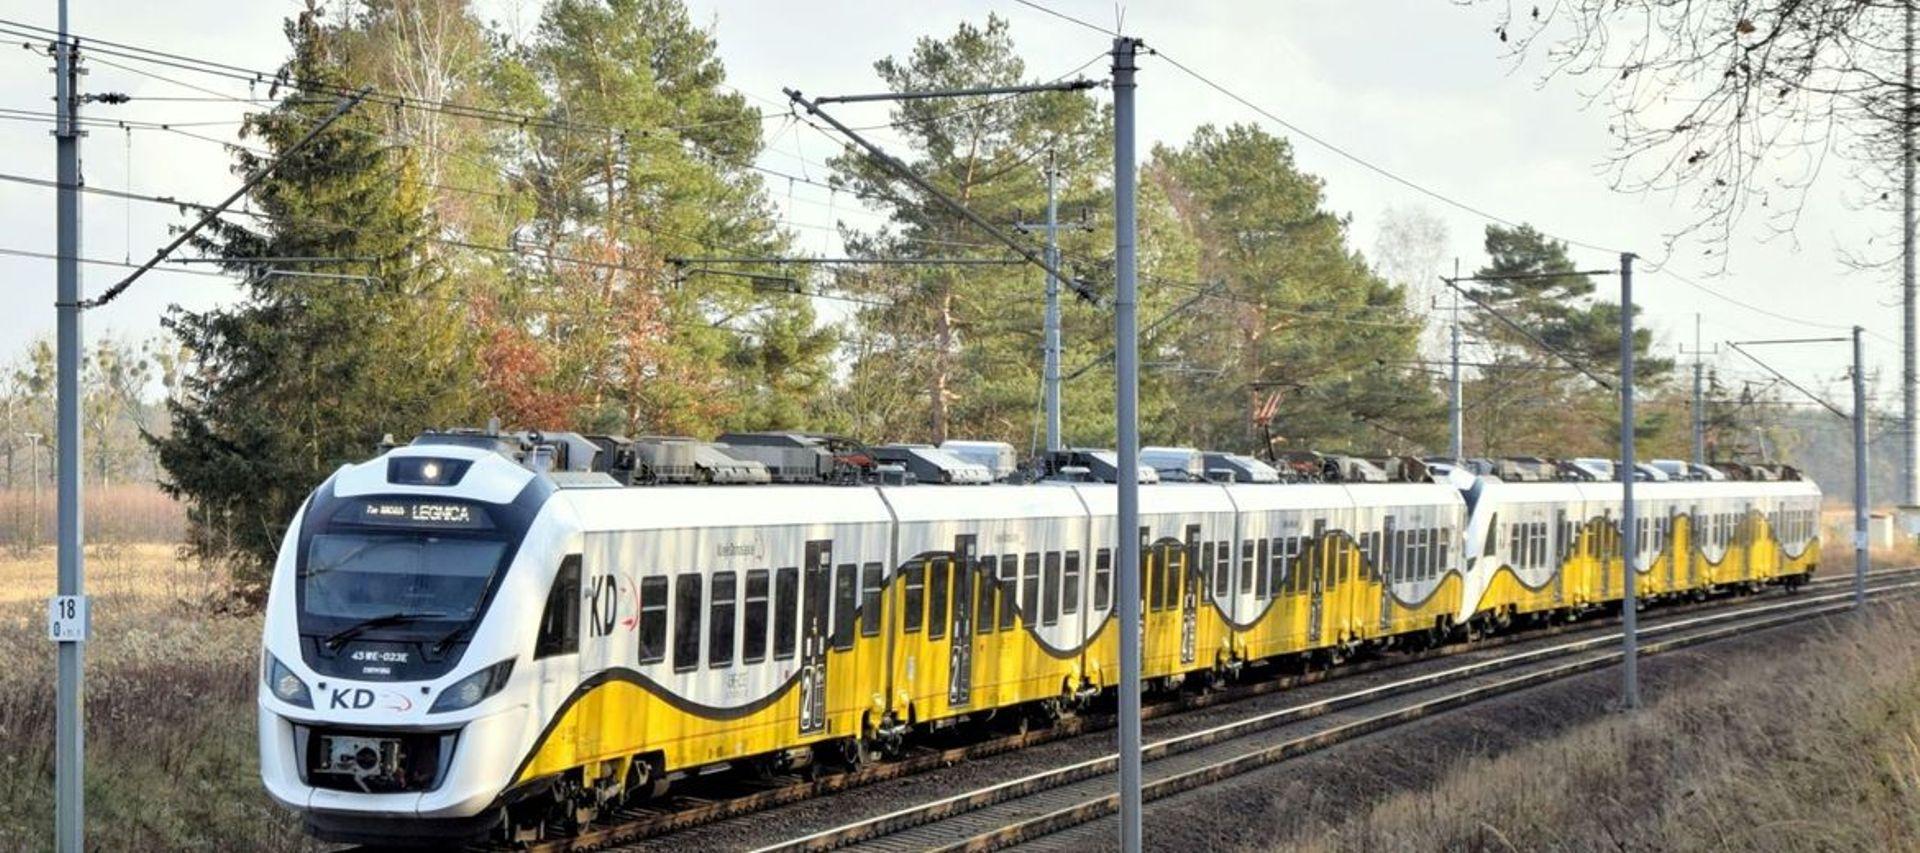 Dolny Śląsk: Koleje Dolnośląskie przywracają zawieszone pociągi międzynarodowe